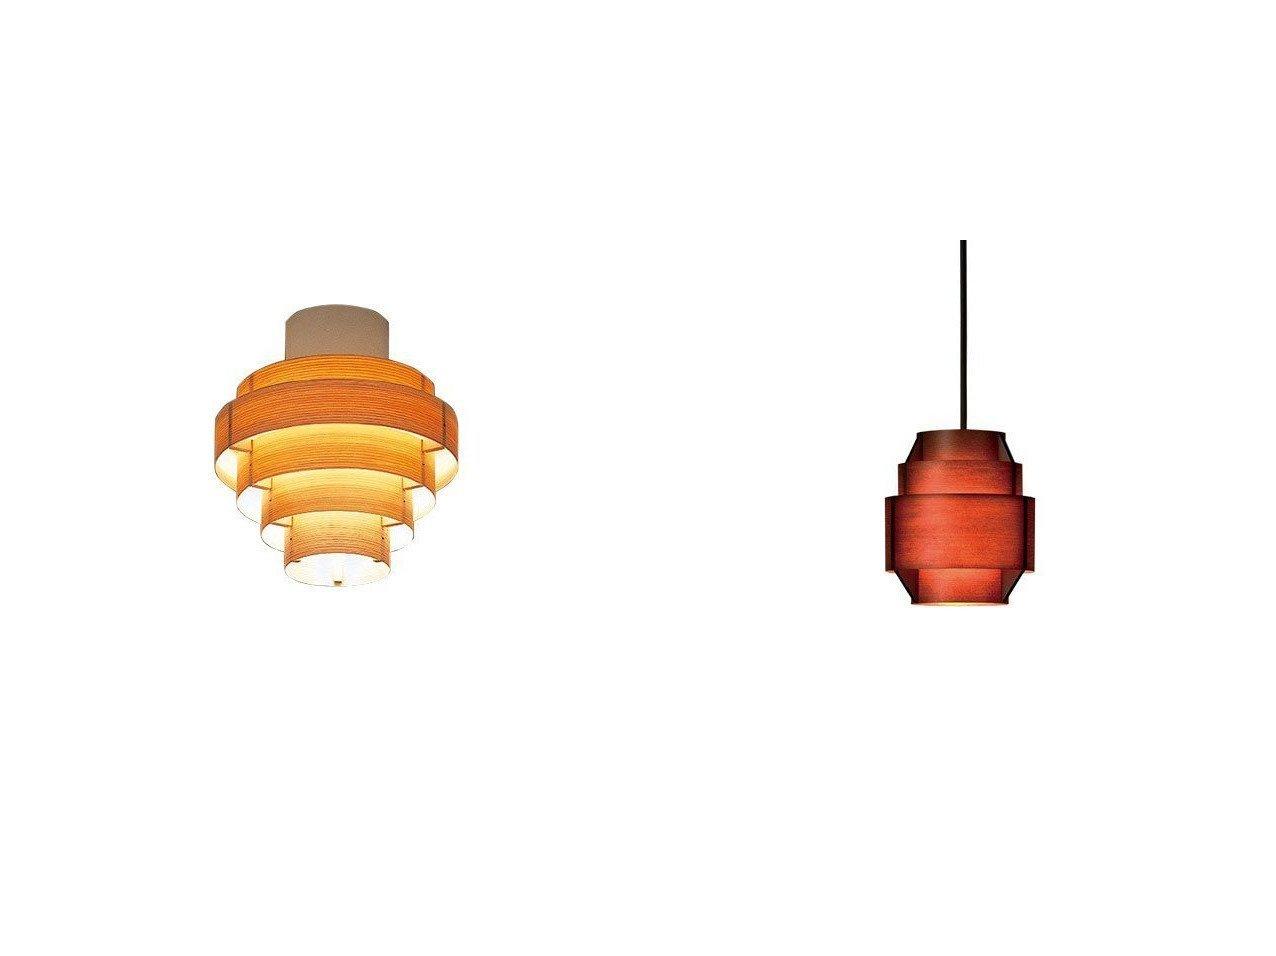 【yamagiwa/ヤマギワ】のJAKOBSSON LAMP 323L- ヤコブソンランプ シーリングライト 323L-992&JAKOBSSON LAMP F- ヤコブソンランプ ペンダントライト F-216 【FURNITURE】おすすめ!人気、インテリア・家具の通販 おすすめで人気の流行・トレンド、ファッションの通販商品 メンズファッション・キッズファッション・インテリア・家具・レディースファッション・服の通販 founy(ファニー) https://founy.com/ 送料無料 Free Shipping ウッド モダン ホーム・キャンプ・アウトドア Home,Garden,Outdoor,Camping Gear 家具・インテリア Furniture ライト・照明 Lighting & Light Fixtures シーリングライト ホーム・キャンプ・アウトドア Home,Garden,Outdoor,Camping Gear 家具・インテリア Furniture ライト・照明 Lighting & Light Fixtures ペンダントライト |ID:crp329100000038516